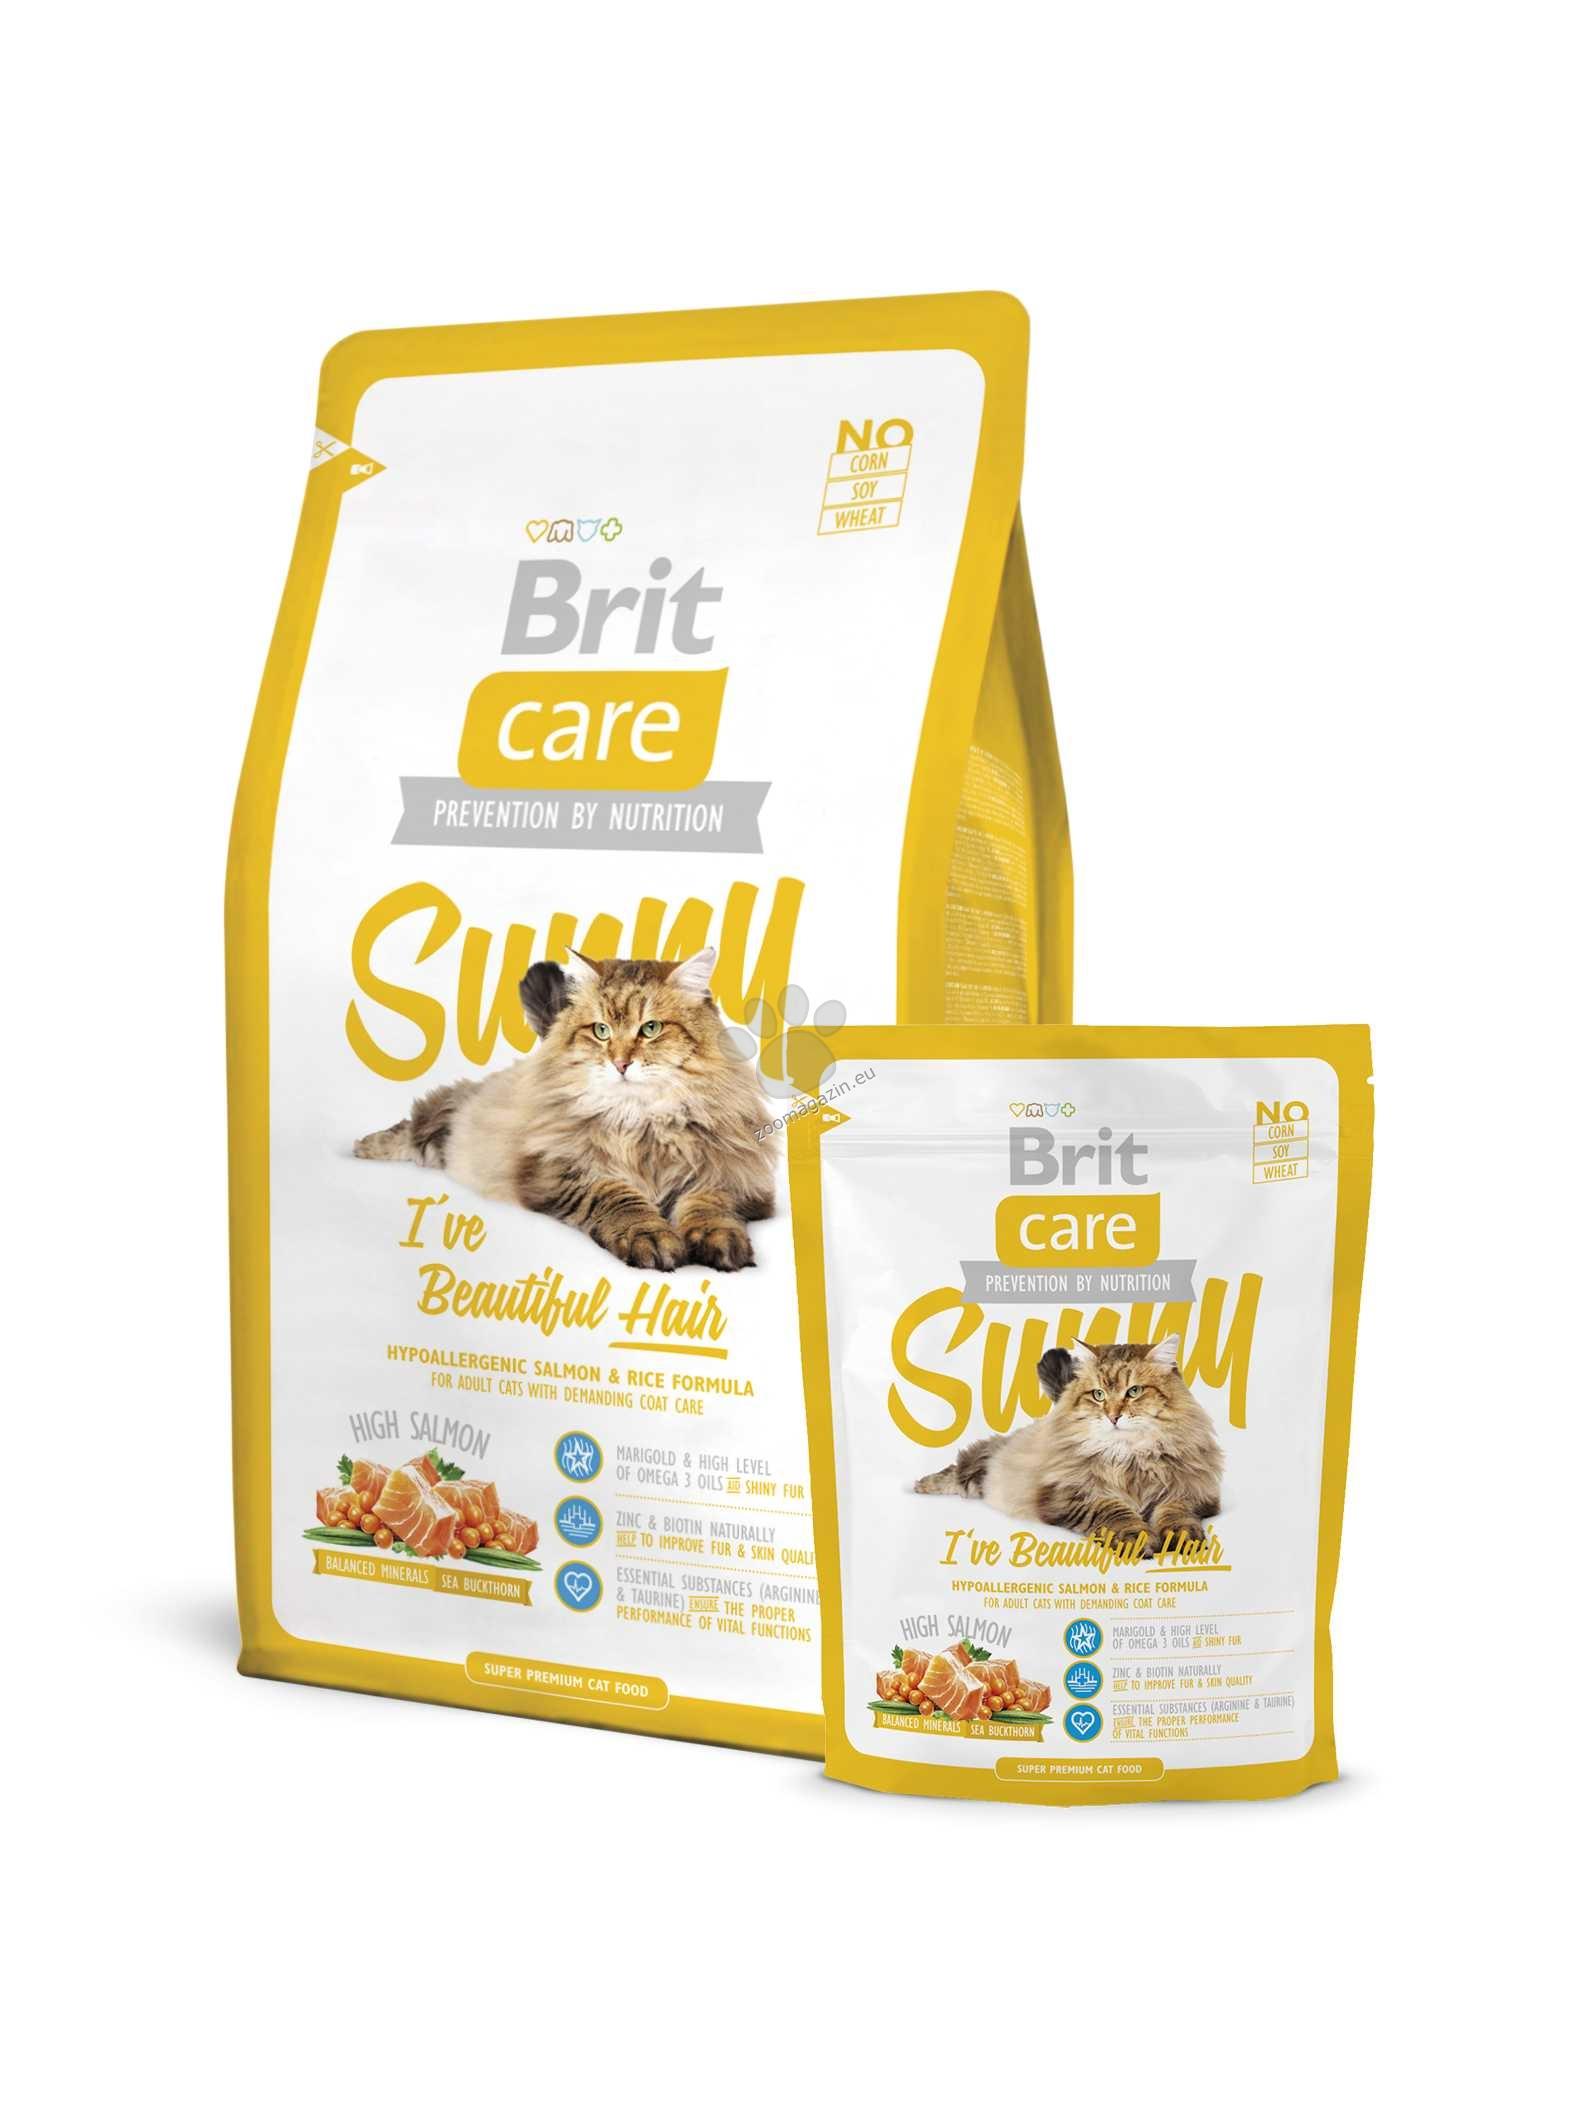 Brit Care Cat Sunny Iive Beautiful Hair - храна със сьомга и ориз, за красива и здрава козина 2 кг.